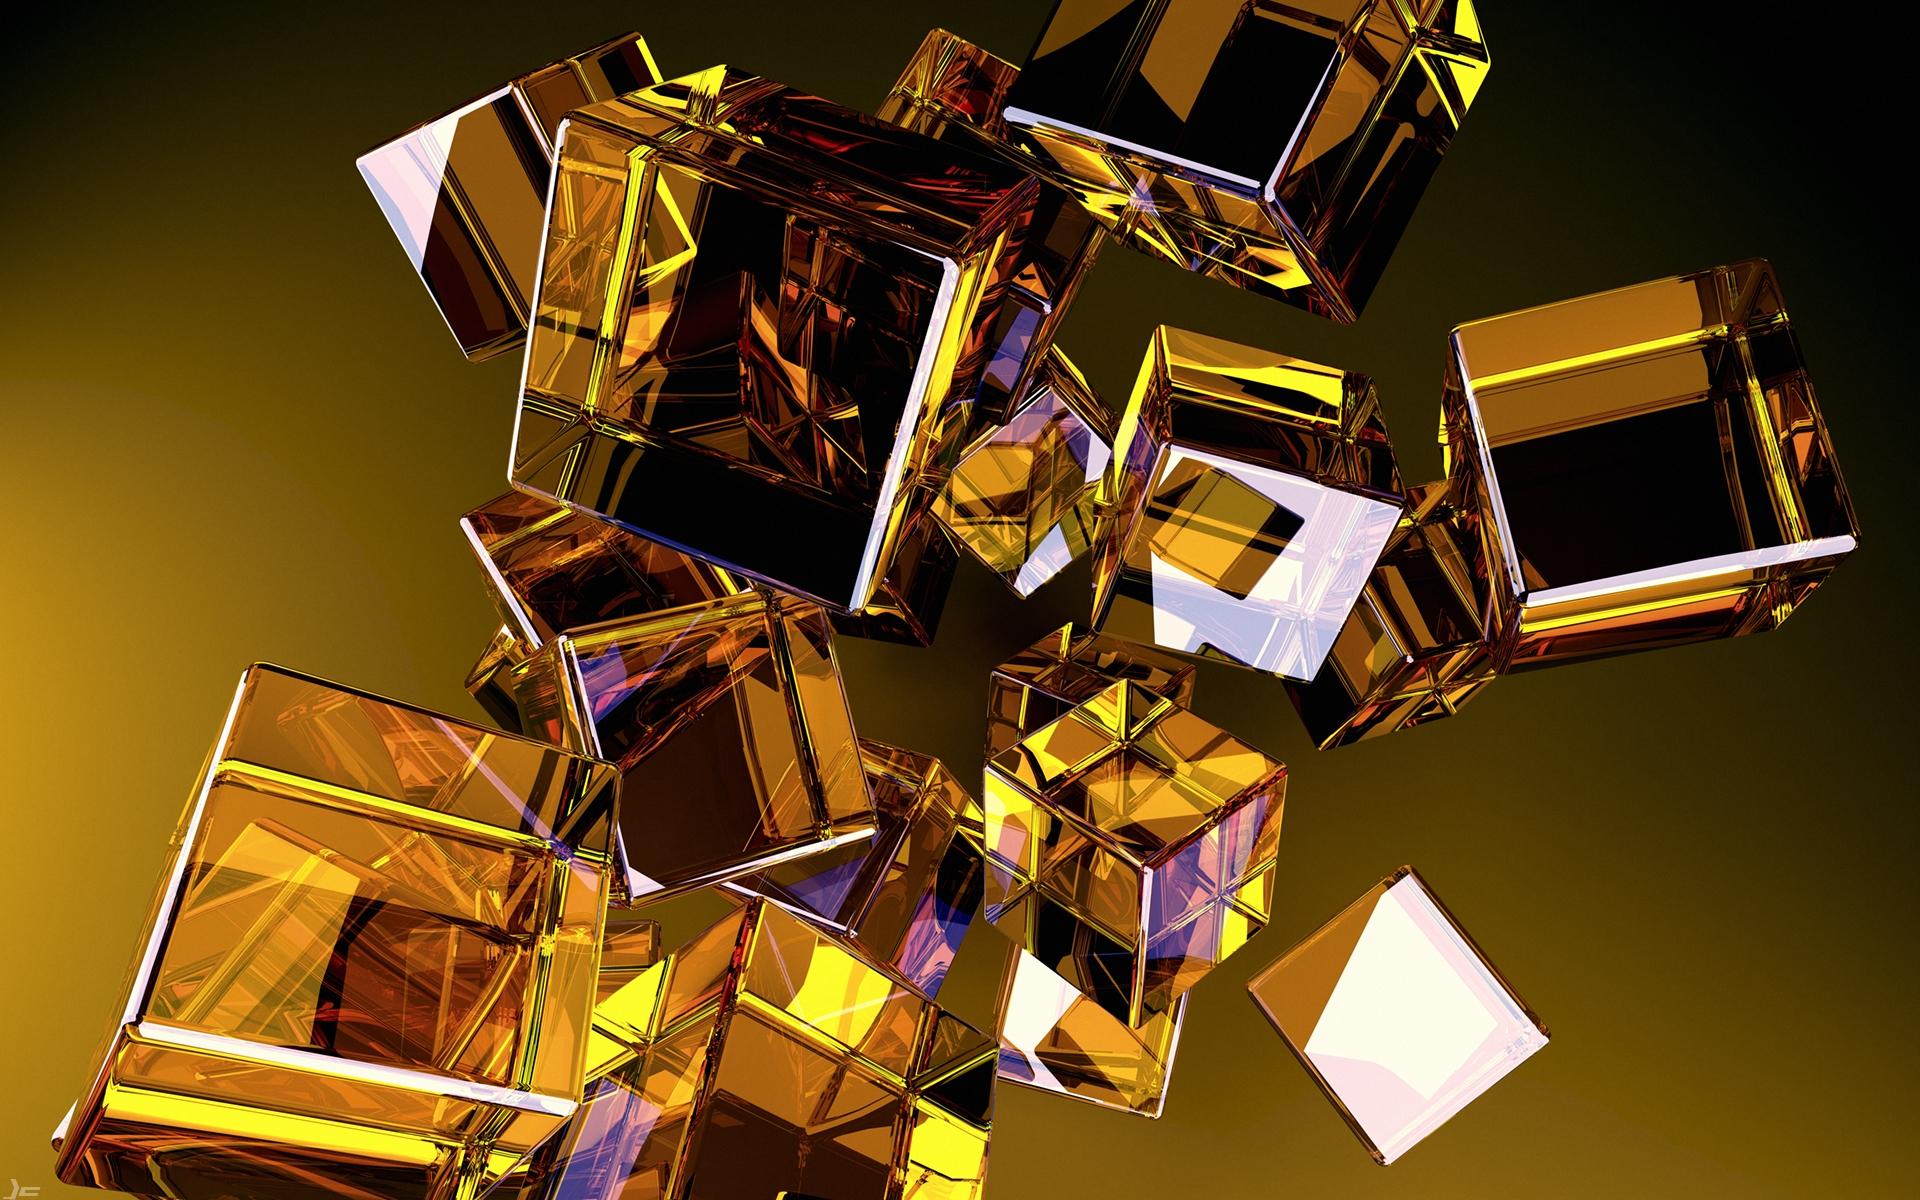 Картинки Стекло, форма, золото, куб, полет фото и обои на рабочий стол